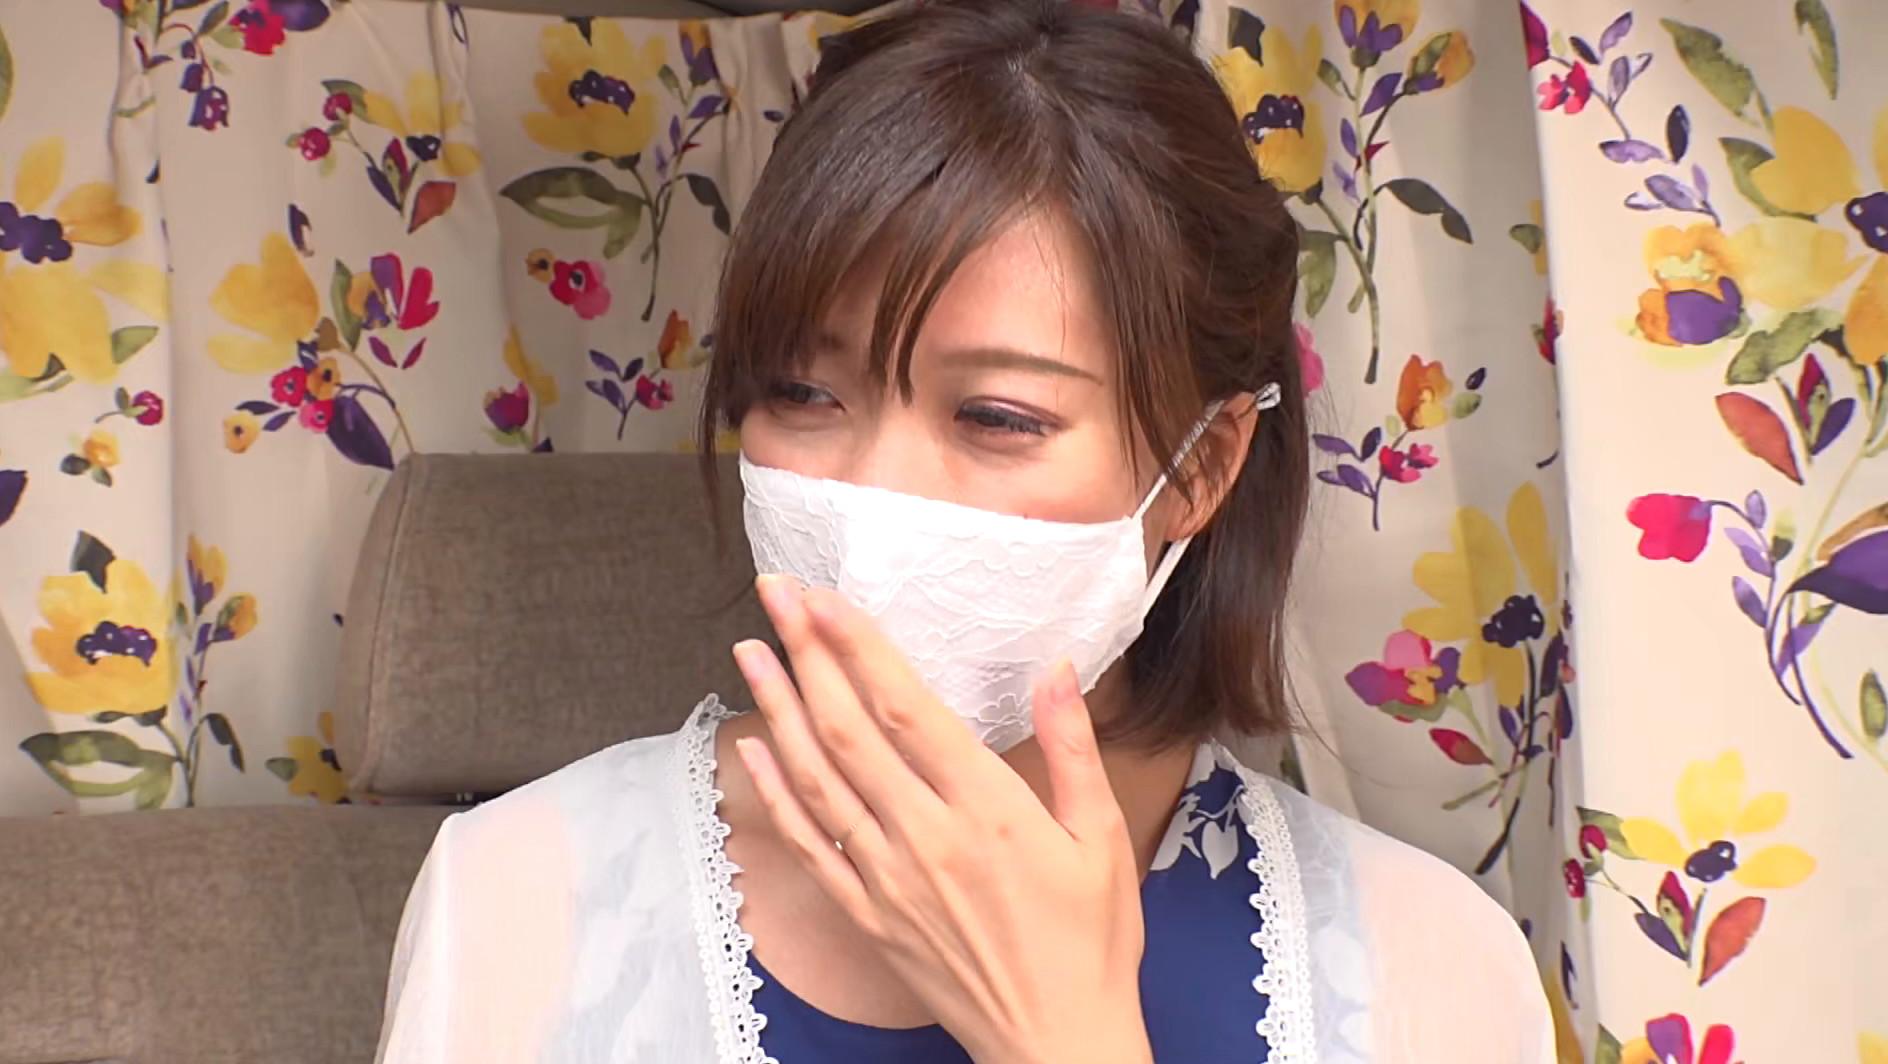 おしゃれマスク熟女ナンパ生ハメSEX 美意識高めおばさんは性欲も高め!?1